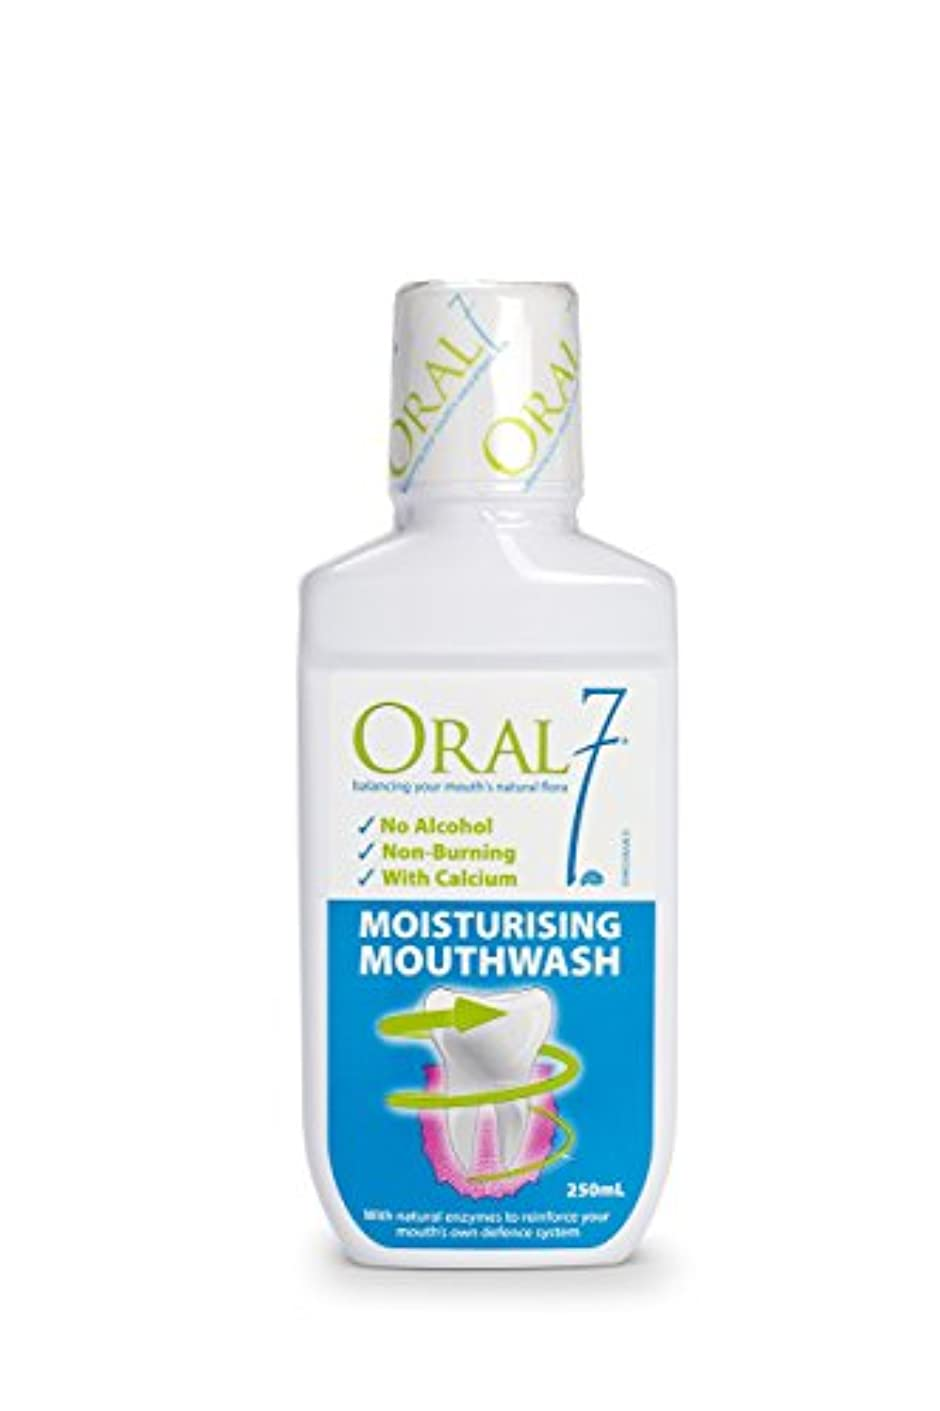 バタフライ薄いですオフセットオーラル7 モイスチャライジング マウスウォッシュ 250ml 4種の天然酵素配合!お口の乾燥対策に 口腔内保湿 口臭予防 ノンアルコール 口腔ケア